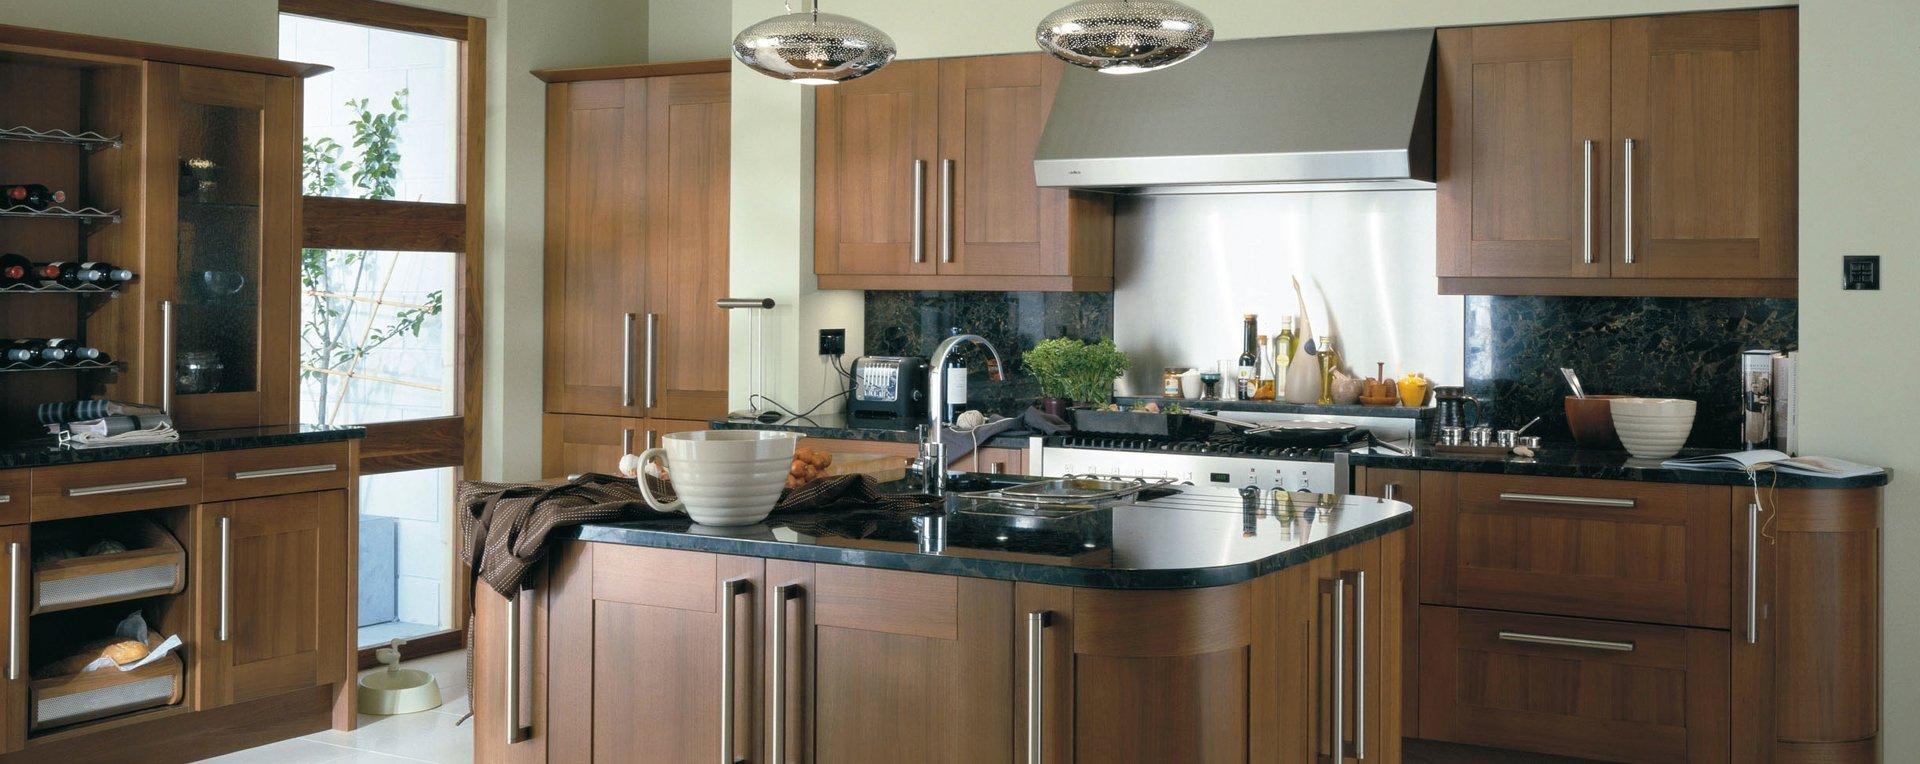 Stockton Heath Kitchens Stockton Heath Kitchens U0026 Bedrooms | Kitchen Design  Warrington